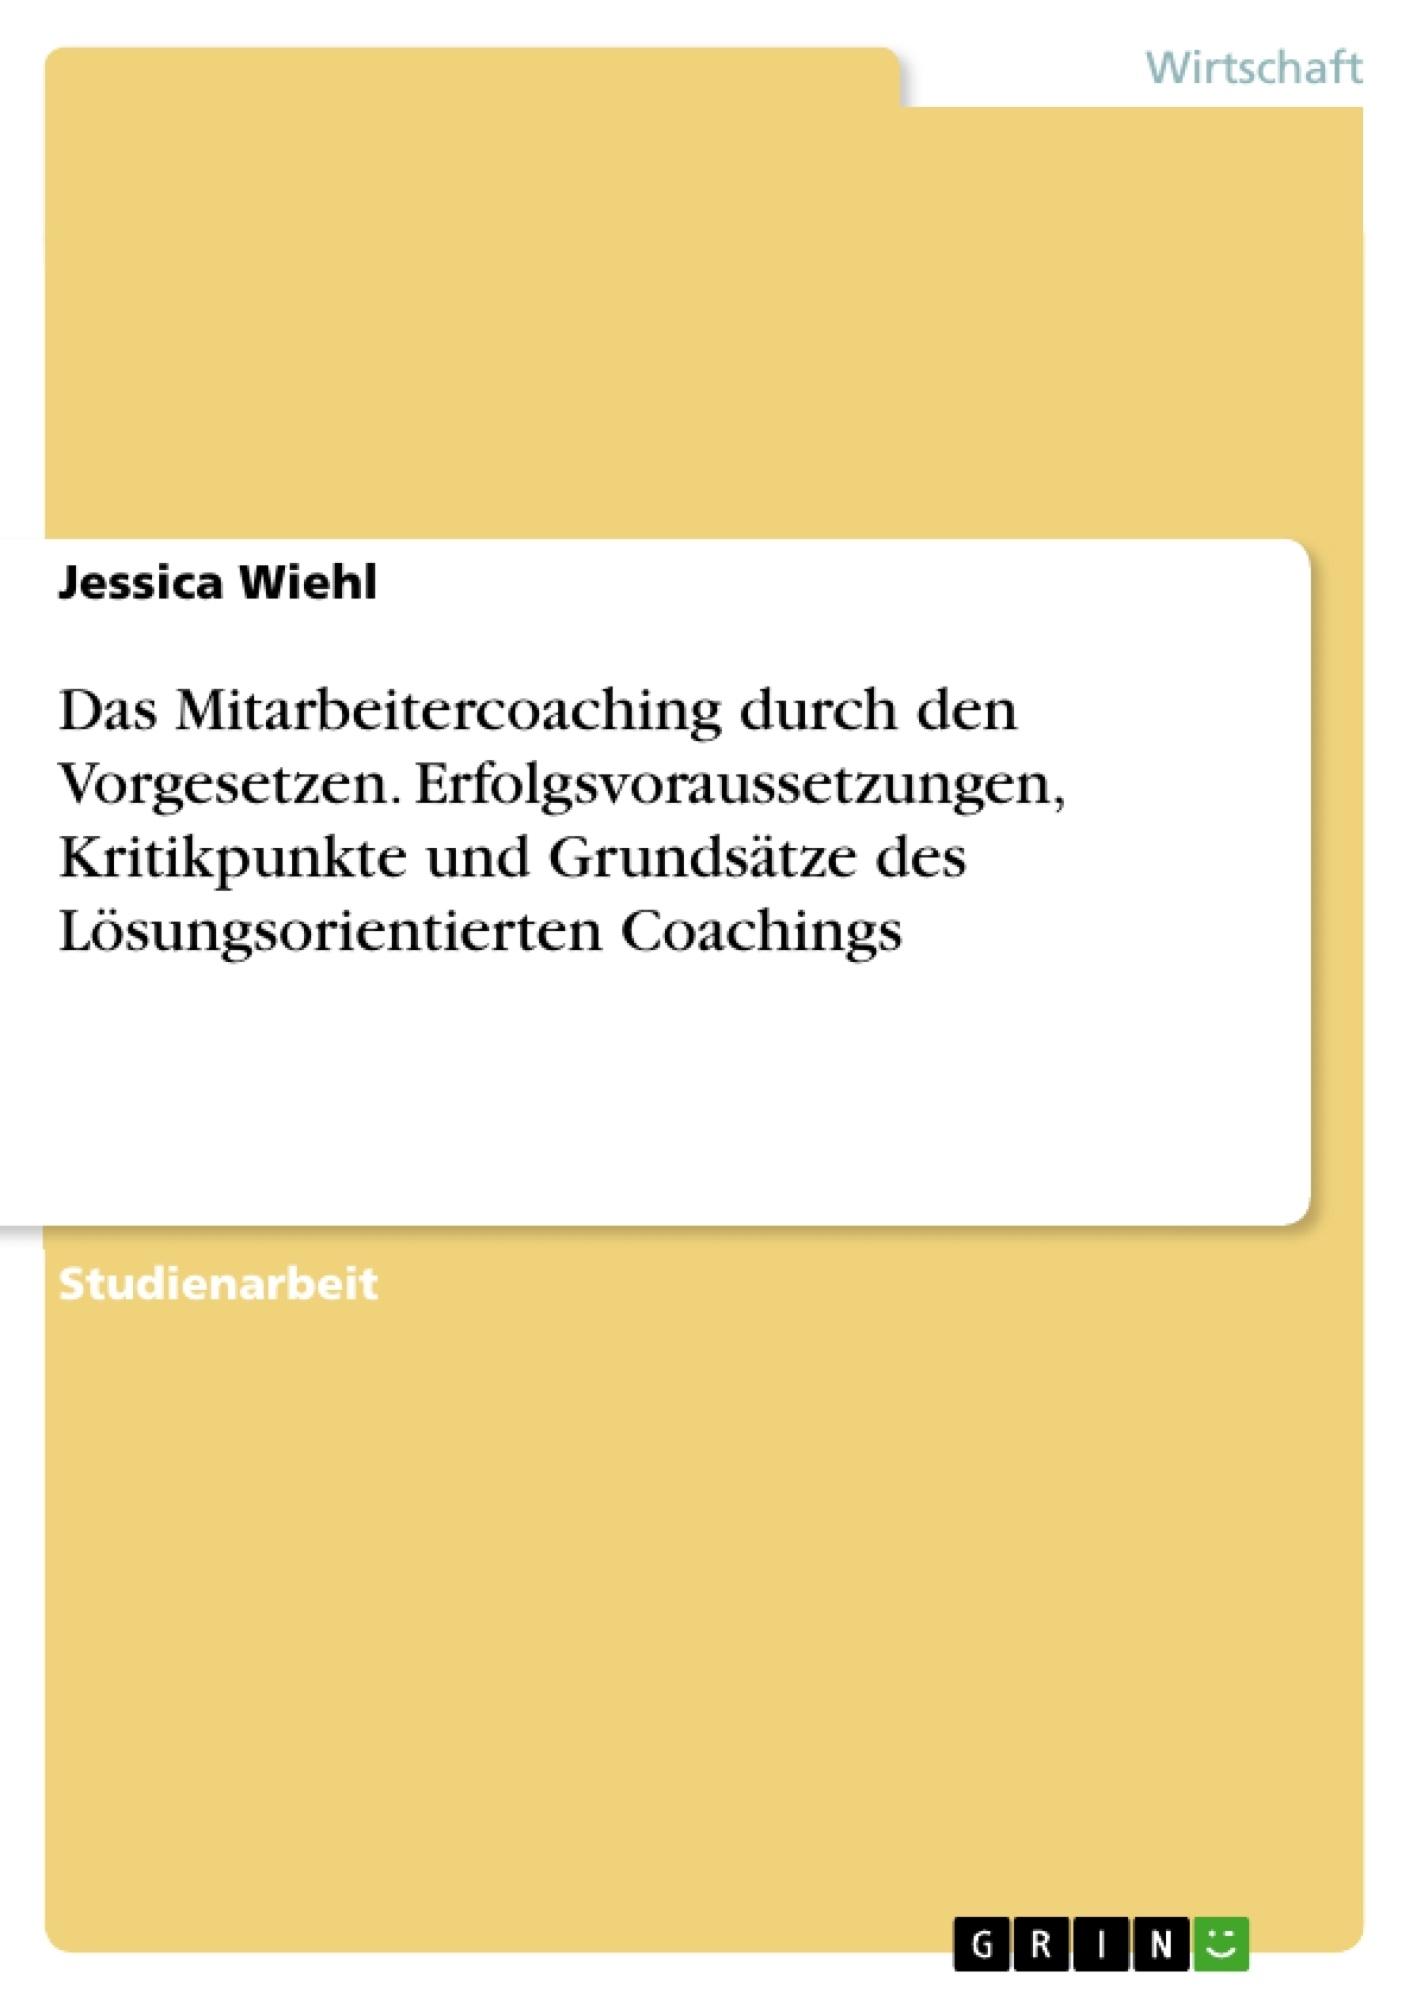 Titel: Das Mitarbeitercoaching durch den Vorgesetzen. Erfolgsvoraussetzungen, Kritikpunkte und Grundsätze des Lösungsorientierten Coachings